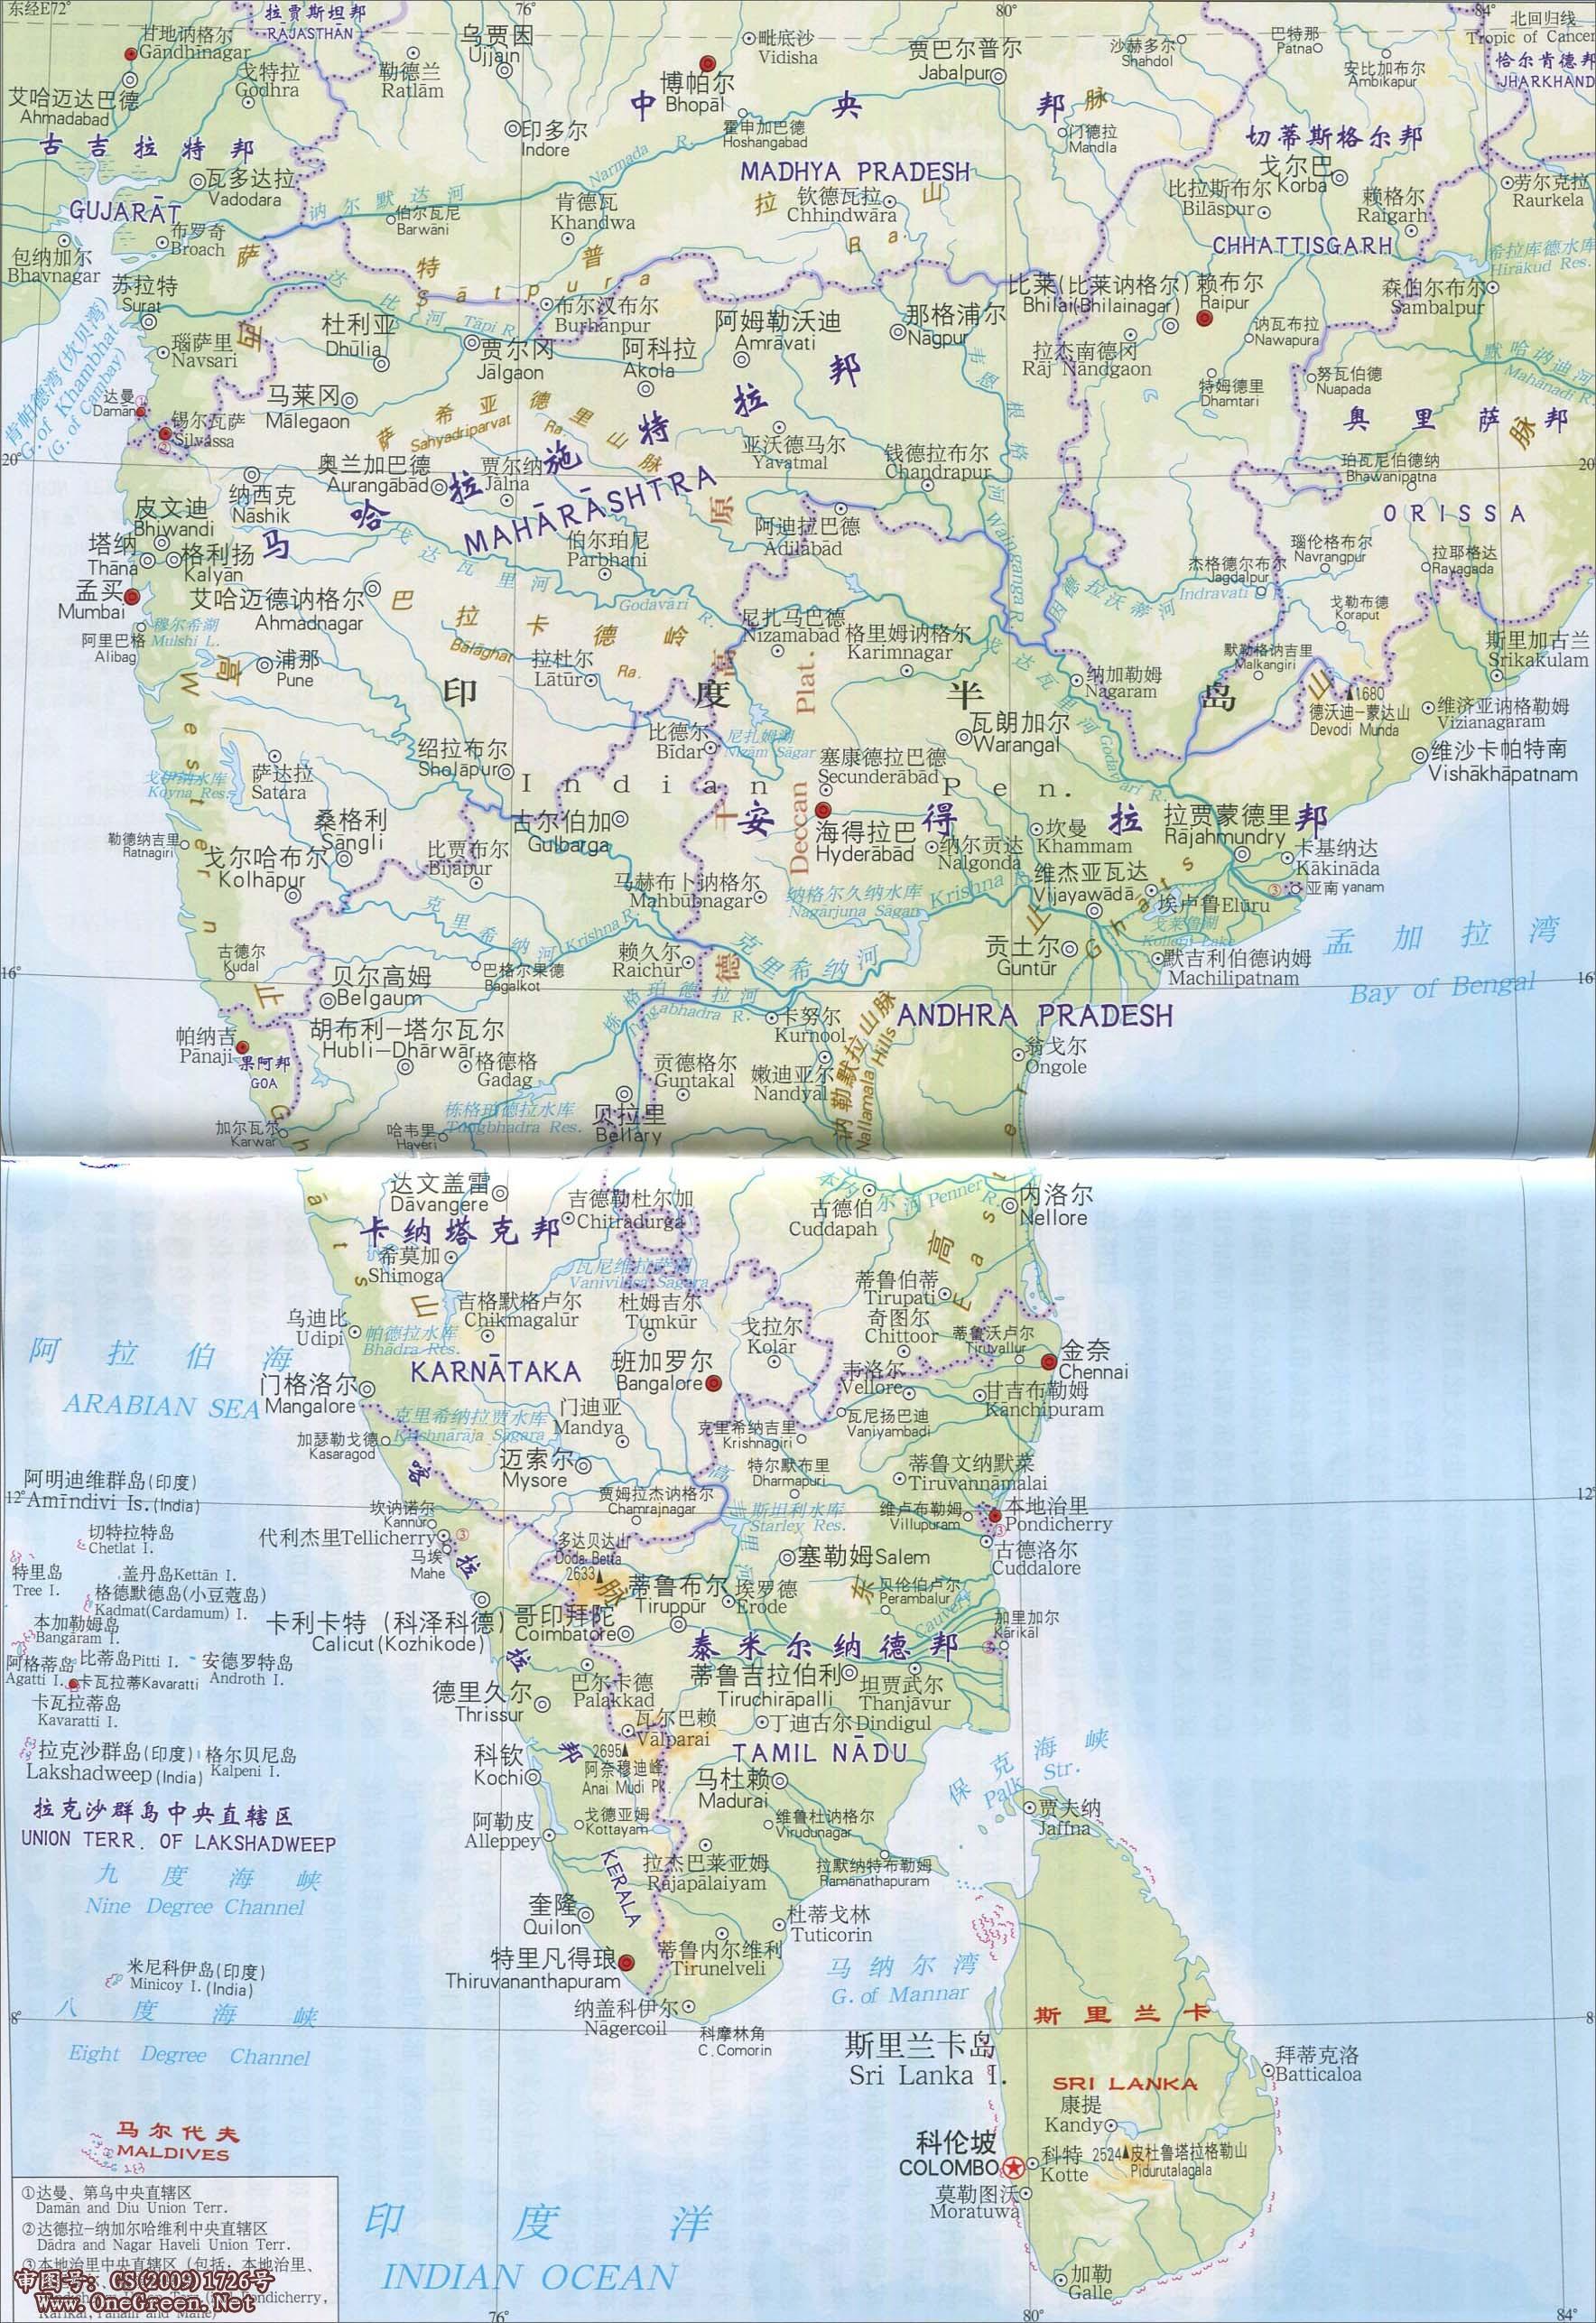 黎巴嫩地图_印度南部地区地形地图_印度地图库_地图窝